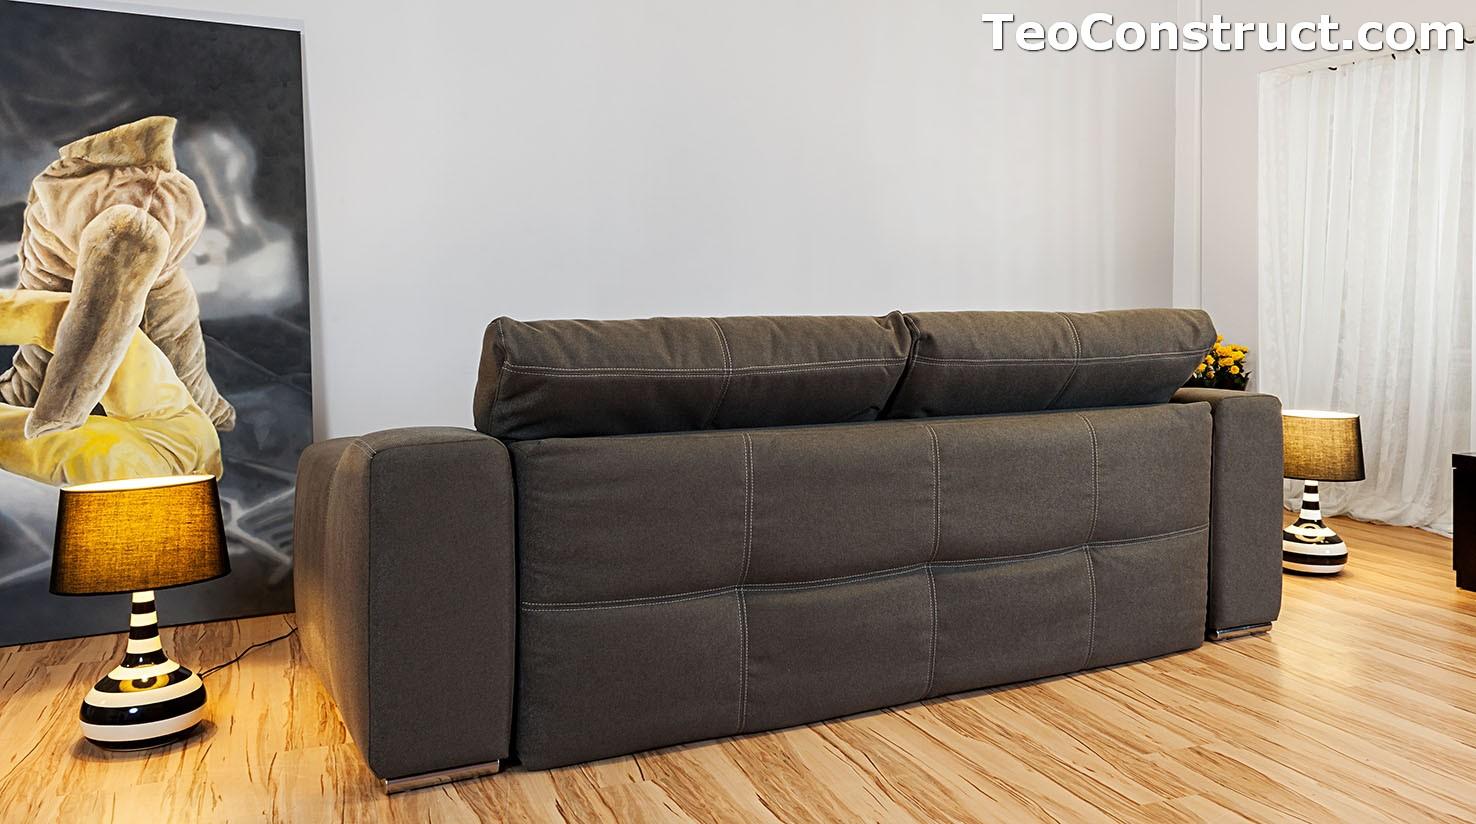 Canapea Isabela extensibila pentru living 5